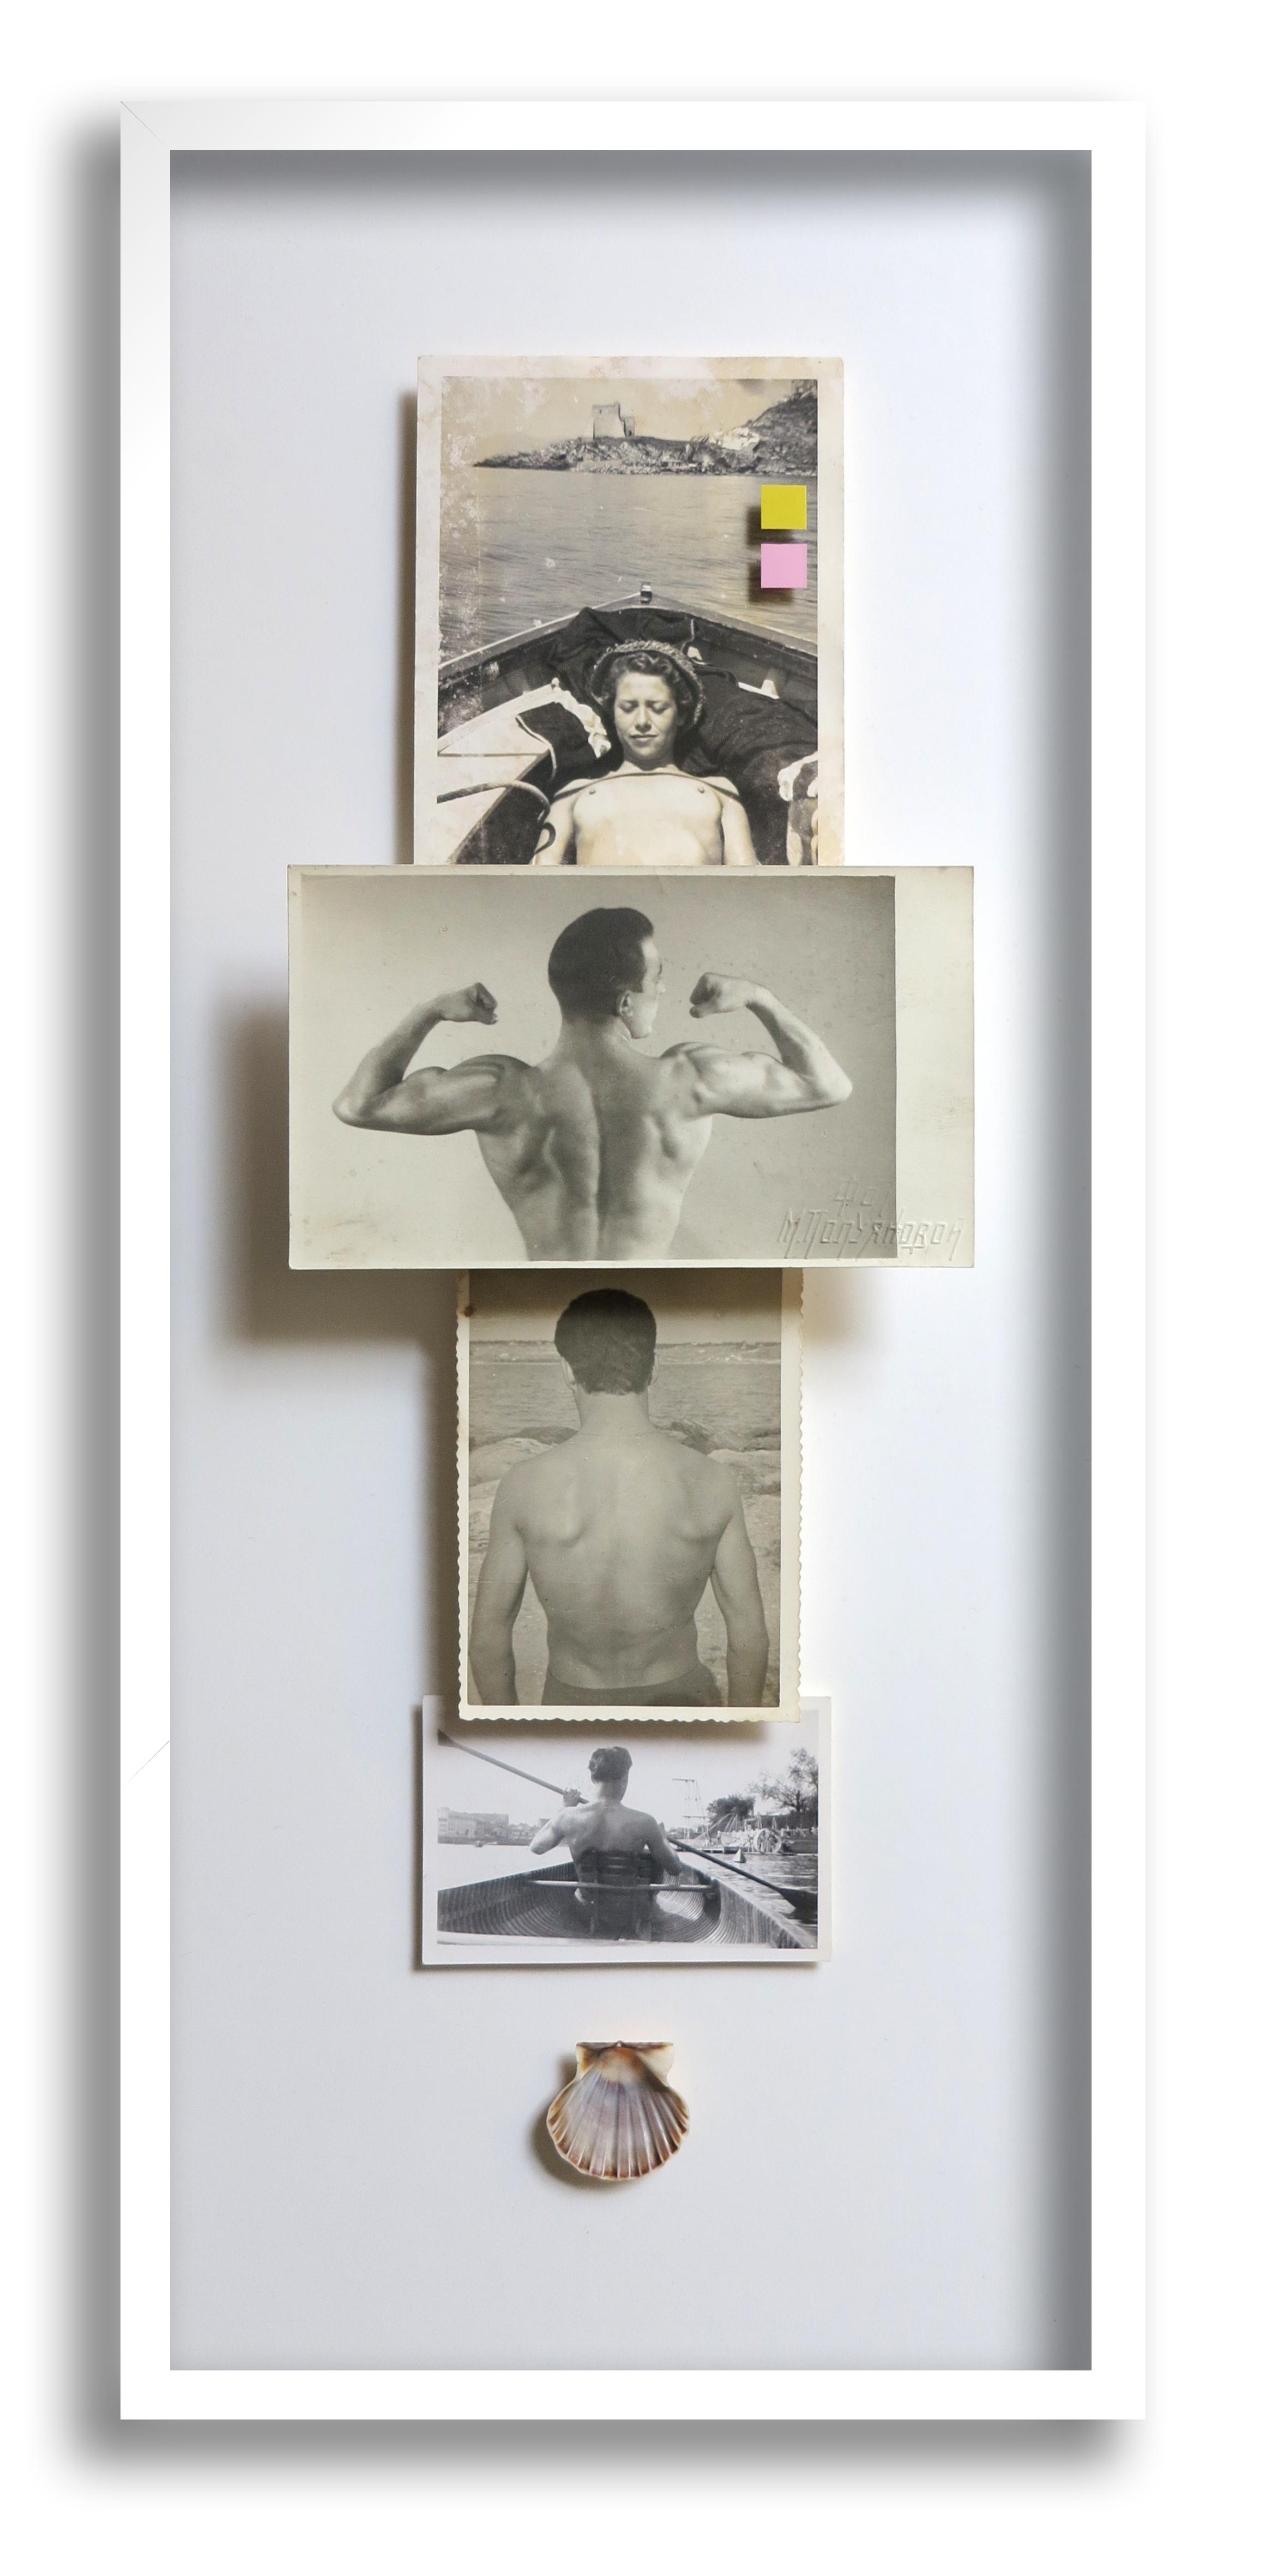 9. Galleria-l'Affiche_Alfred-Drago-Rens_Certe-cose-vanno-prese-di-petto_2016_59,5x29,5 cm.jpg